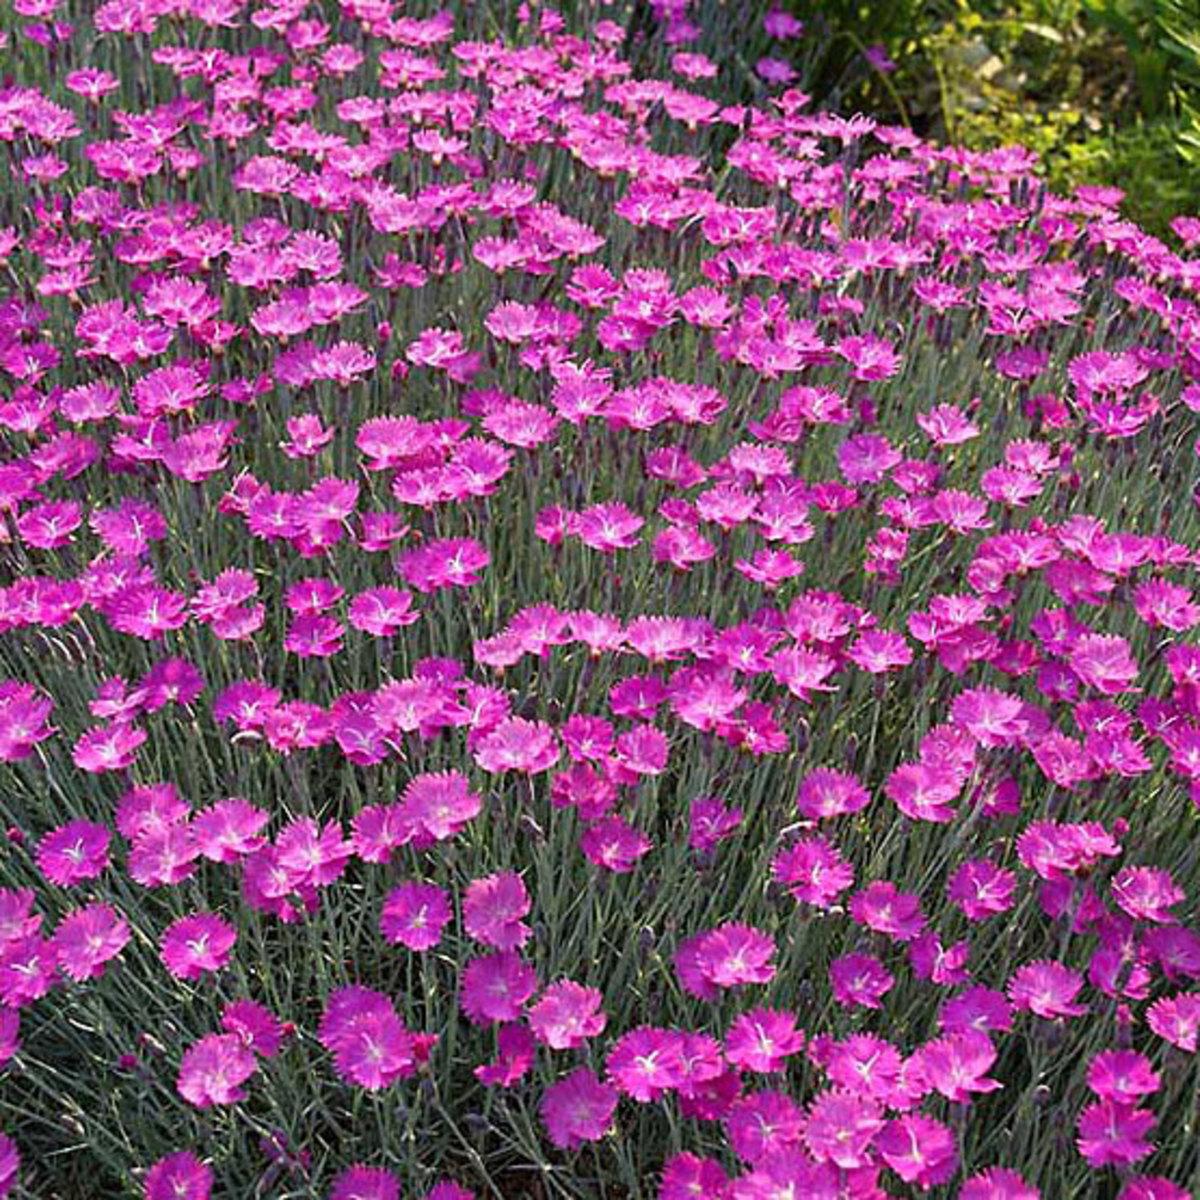 Dianthus cheddar pink